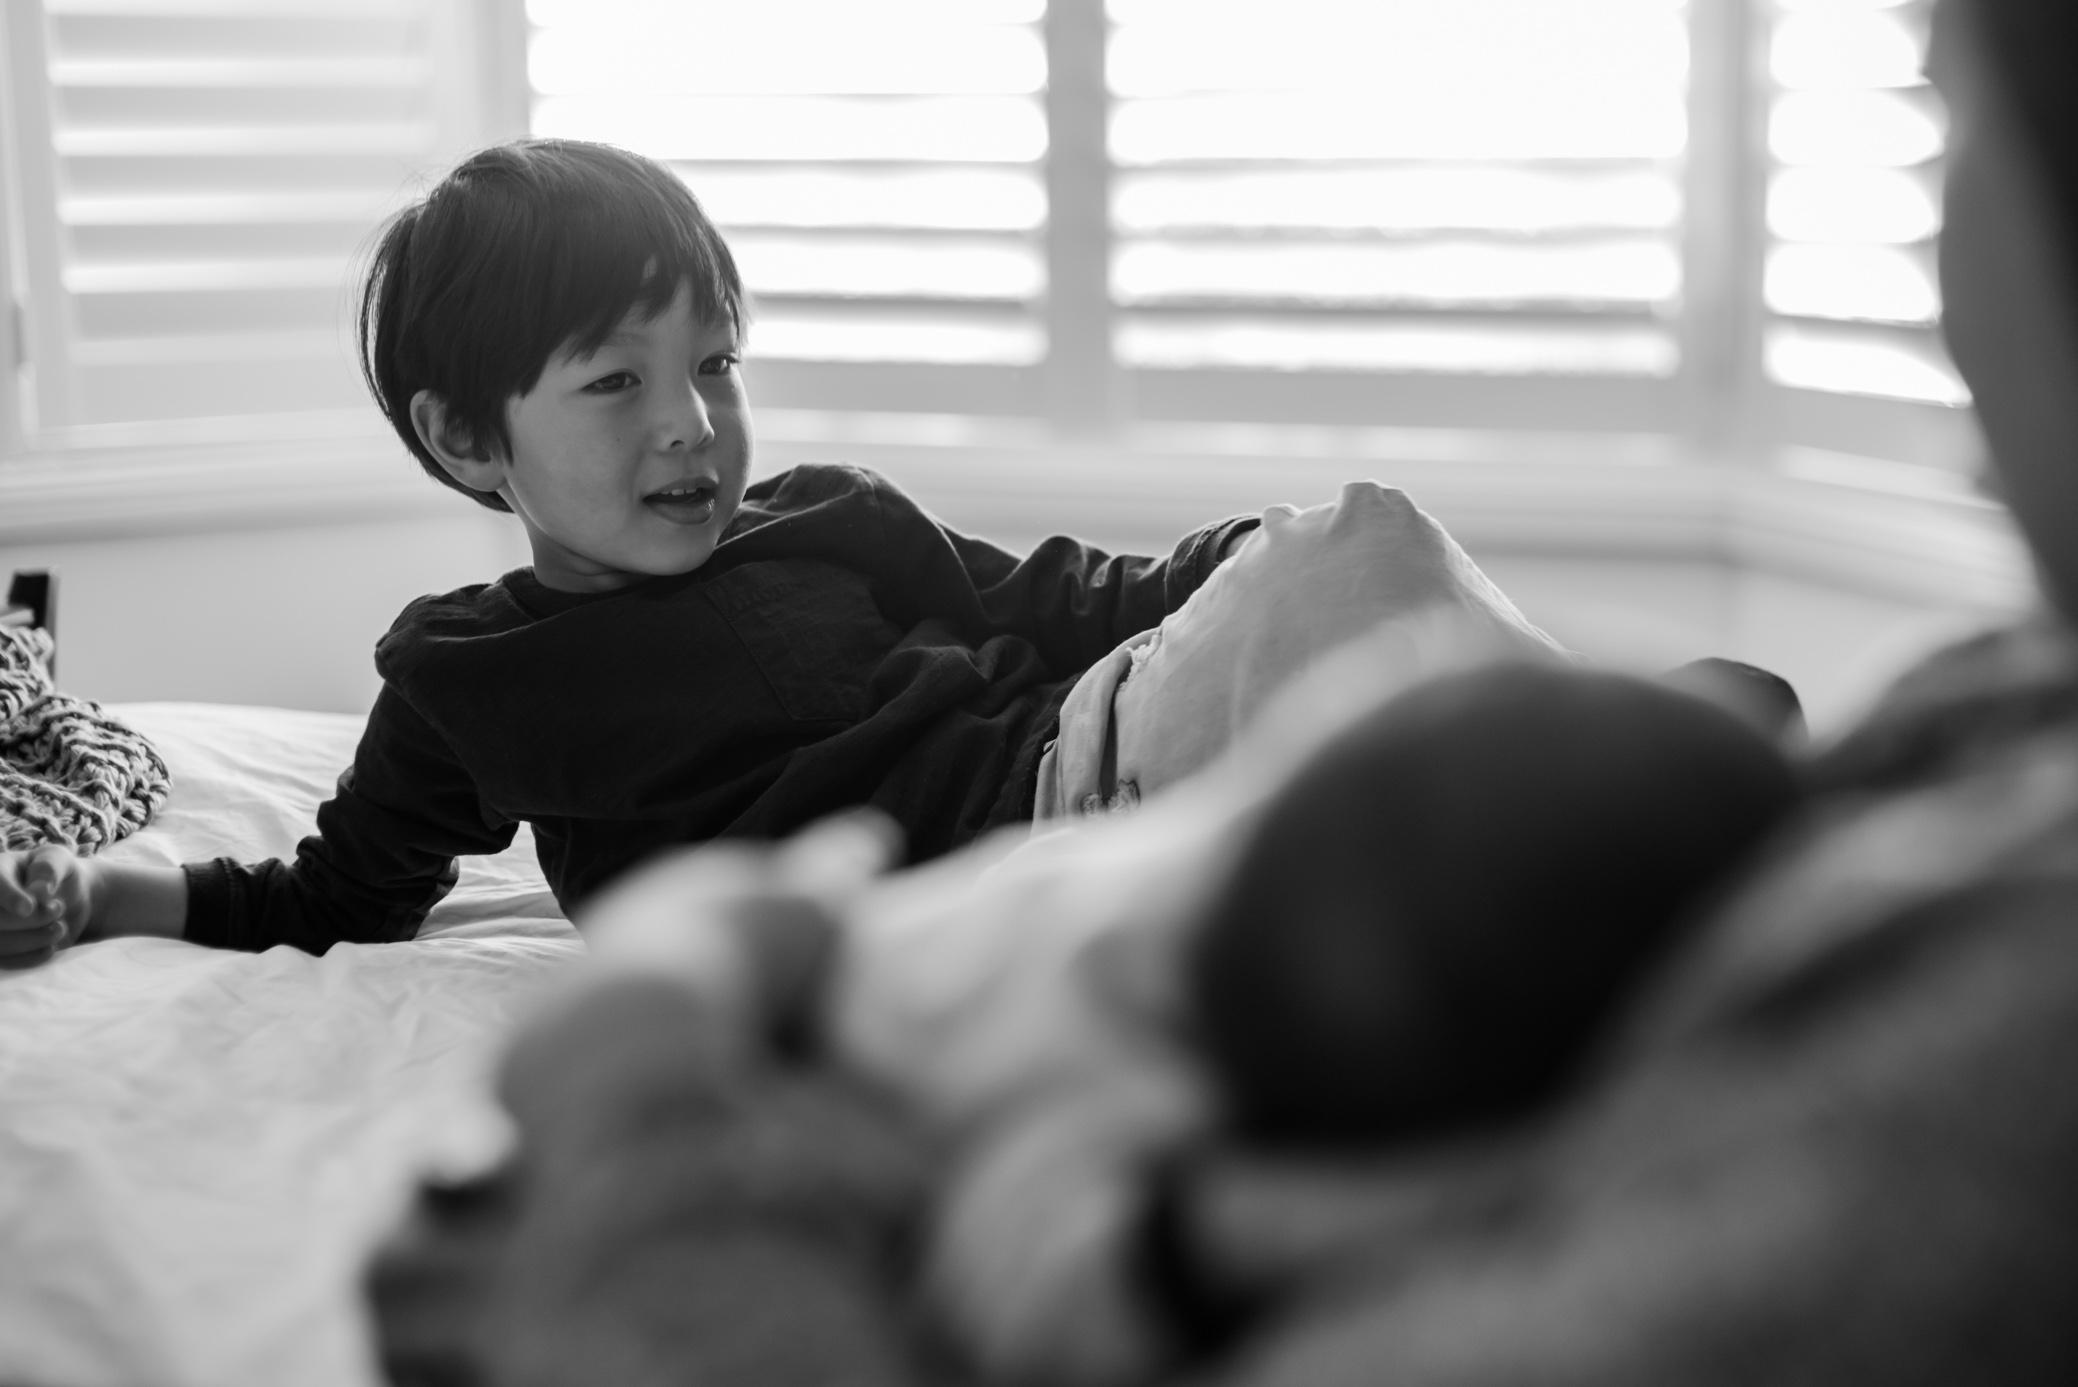 cindycavanagh-maternity-photos-in-sydney (8 of 39).JPG